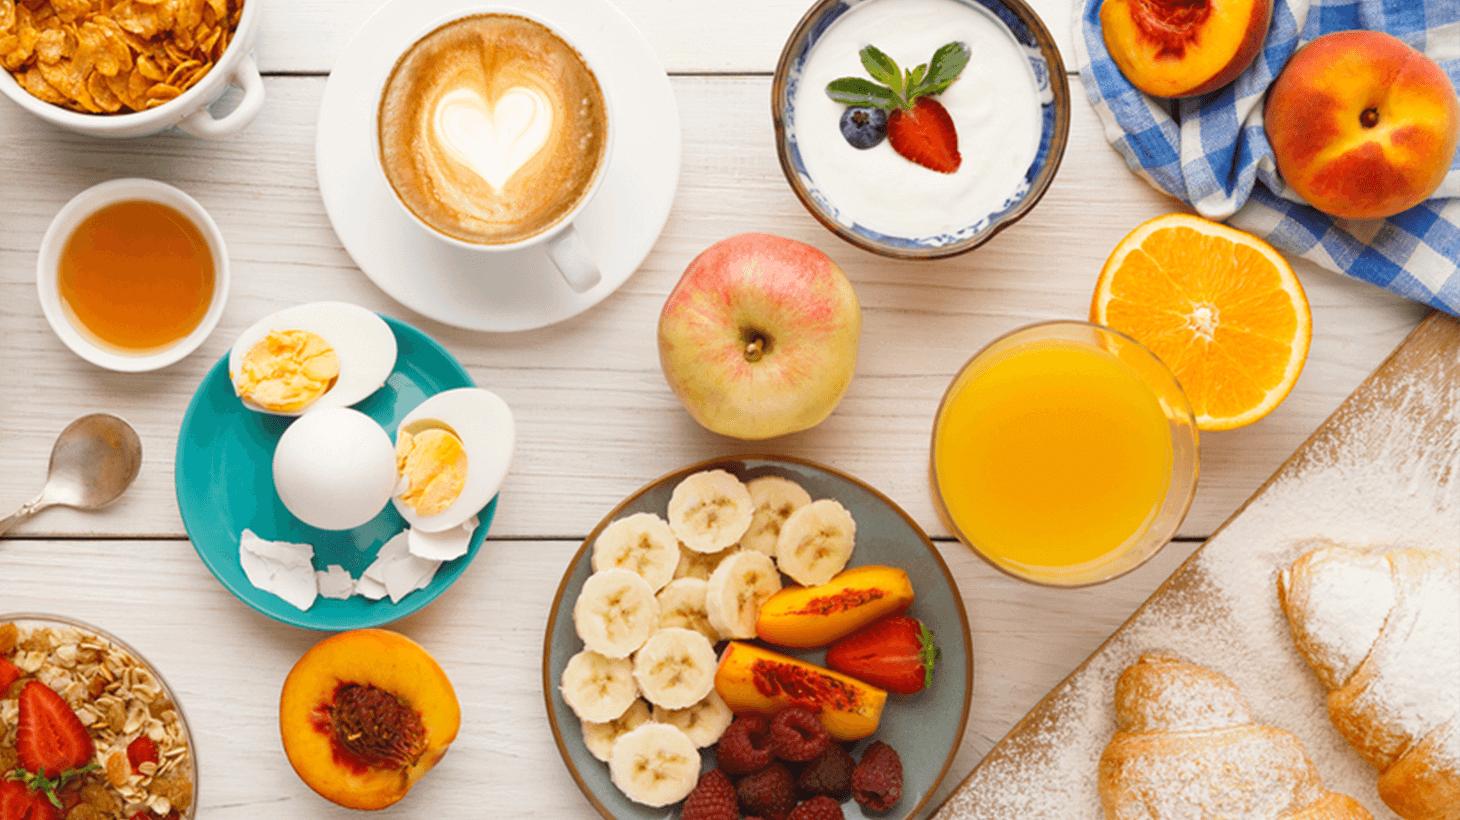 Frühstück + Dinner = Brinner | Der neue Frühstücks-Trend